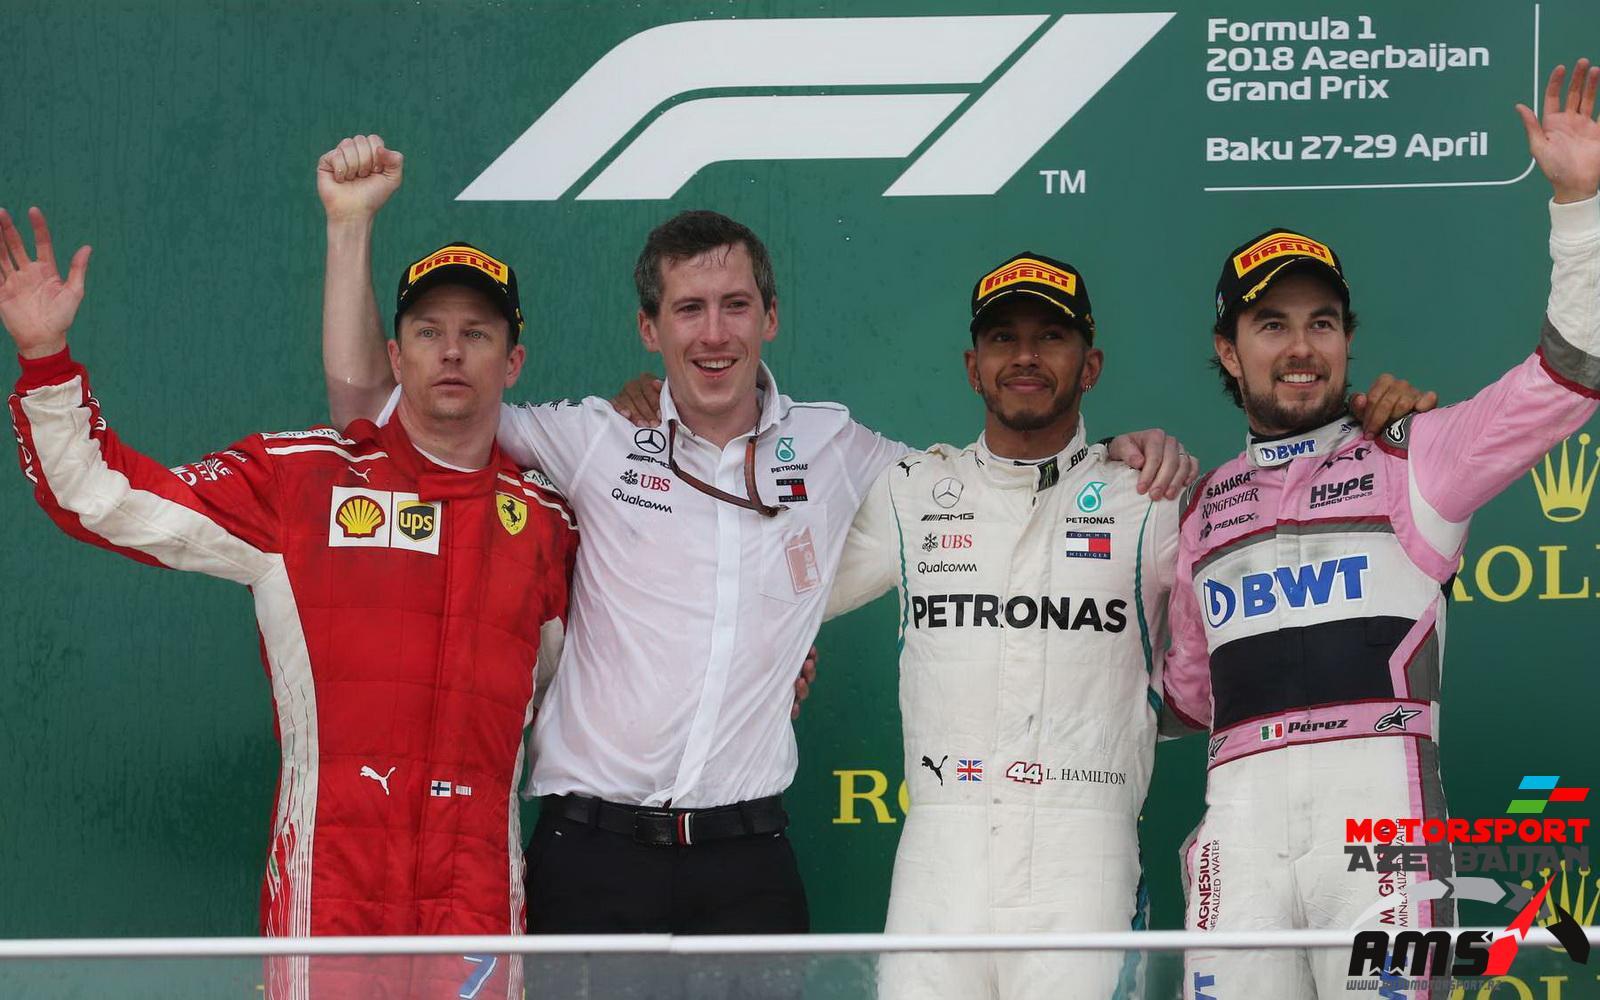 Lewis Hamilton, Kimi Raikkonen, Sergio Perez